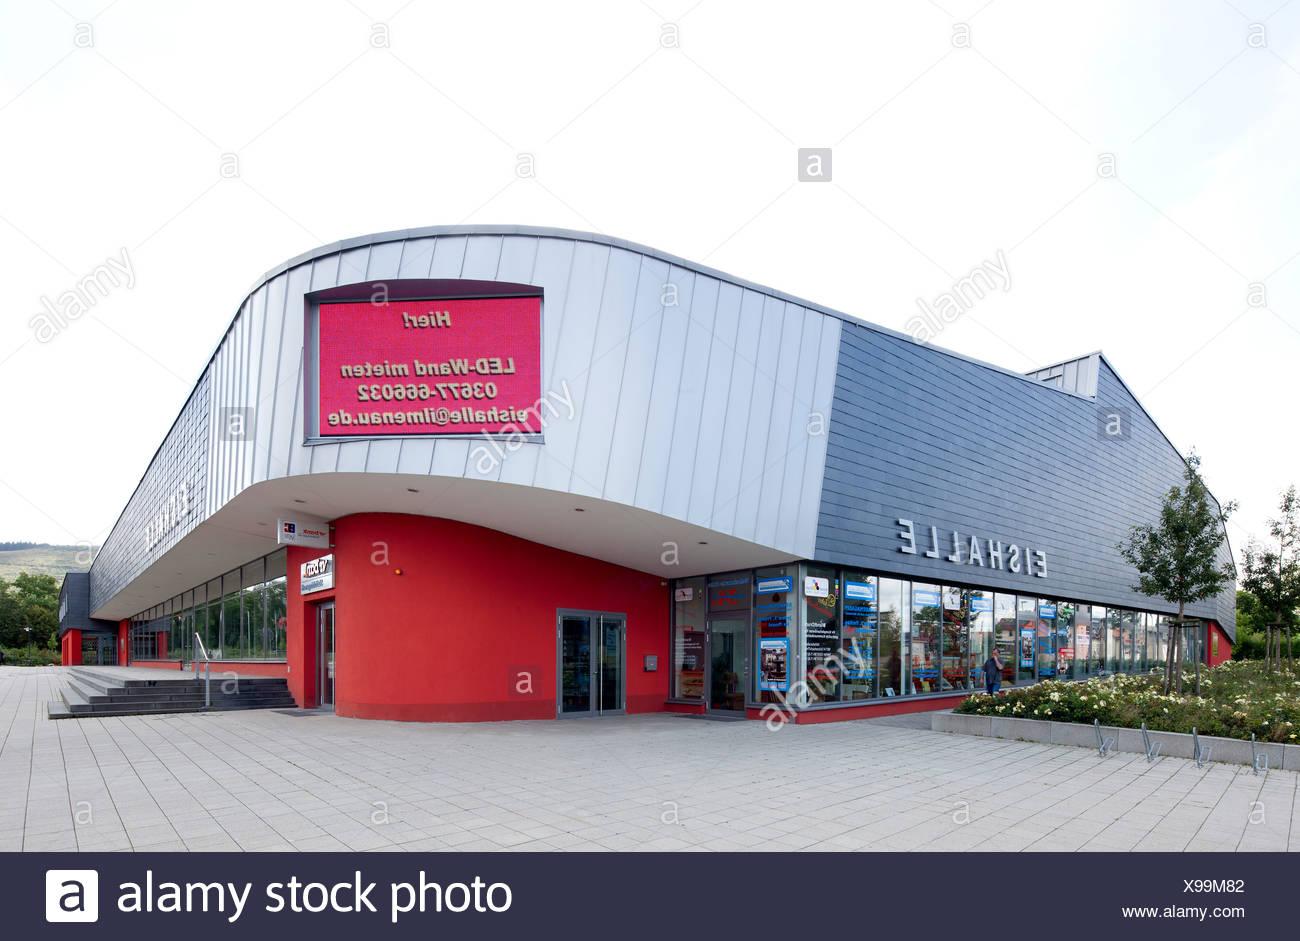 Eishalle Ilmenau, ein Eislaufen Eislaufplatz und Unterhaltung Veranstaltungsort, Ilmenau, Thüringen, Deutschland, Europa, PublicGround Stockbild